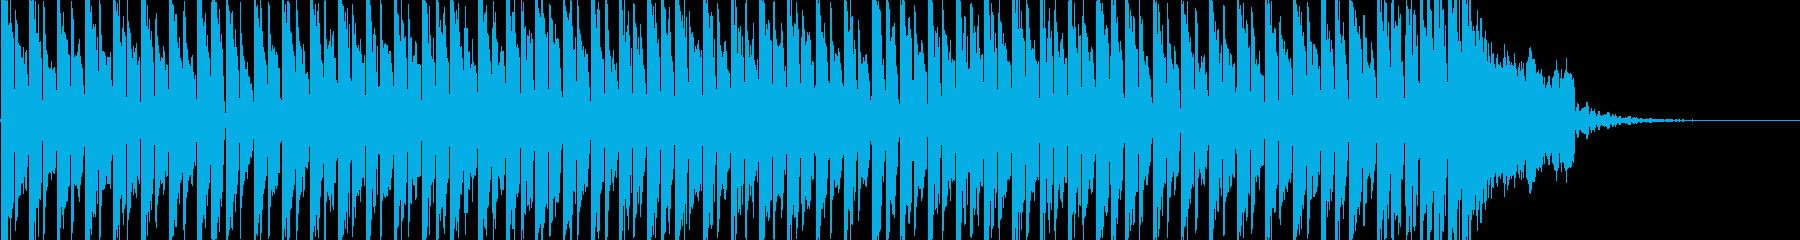 正月定番「さくらさくら」テクノカバーの再生済みの波形